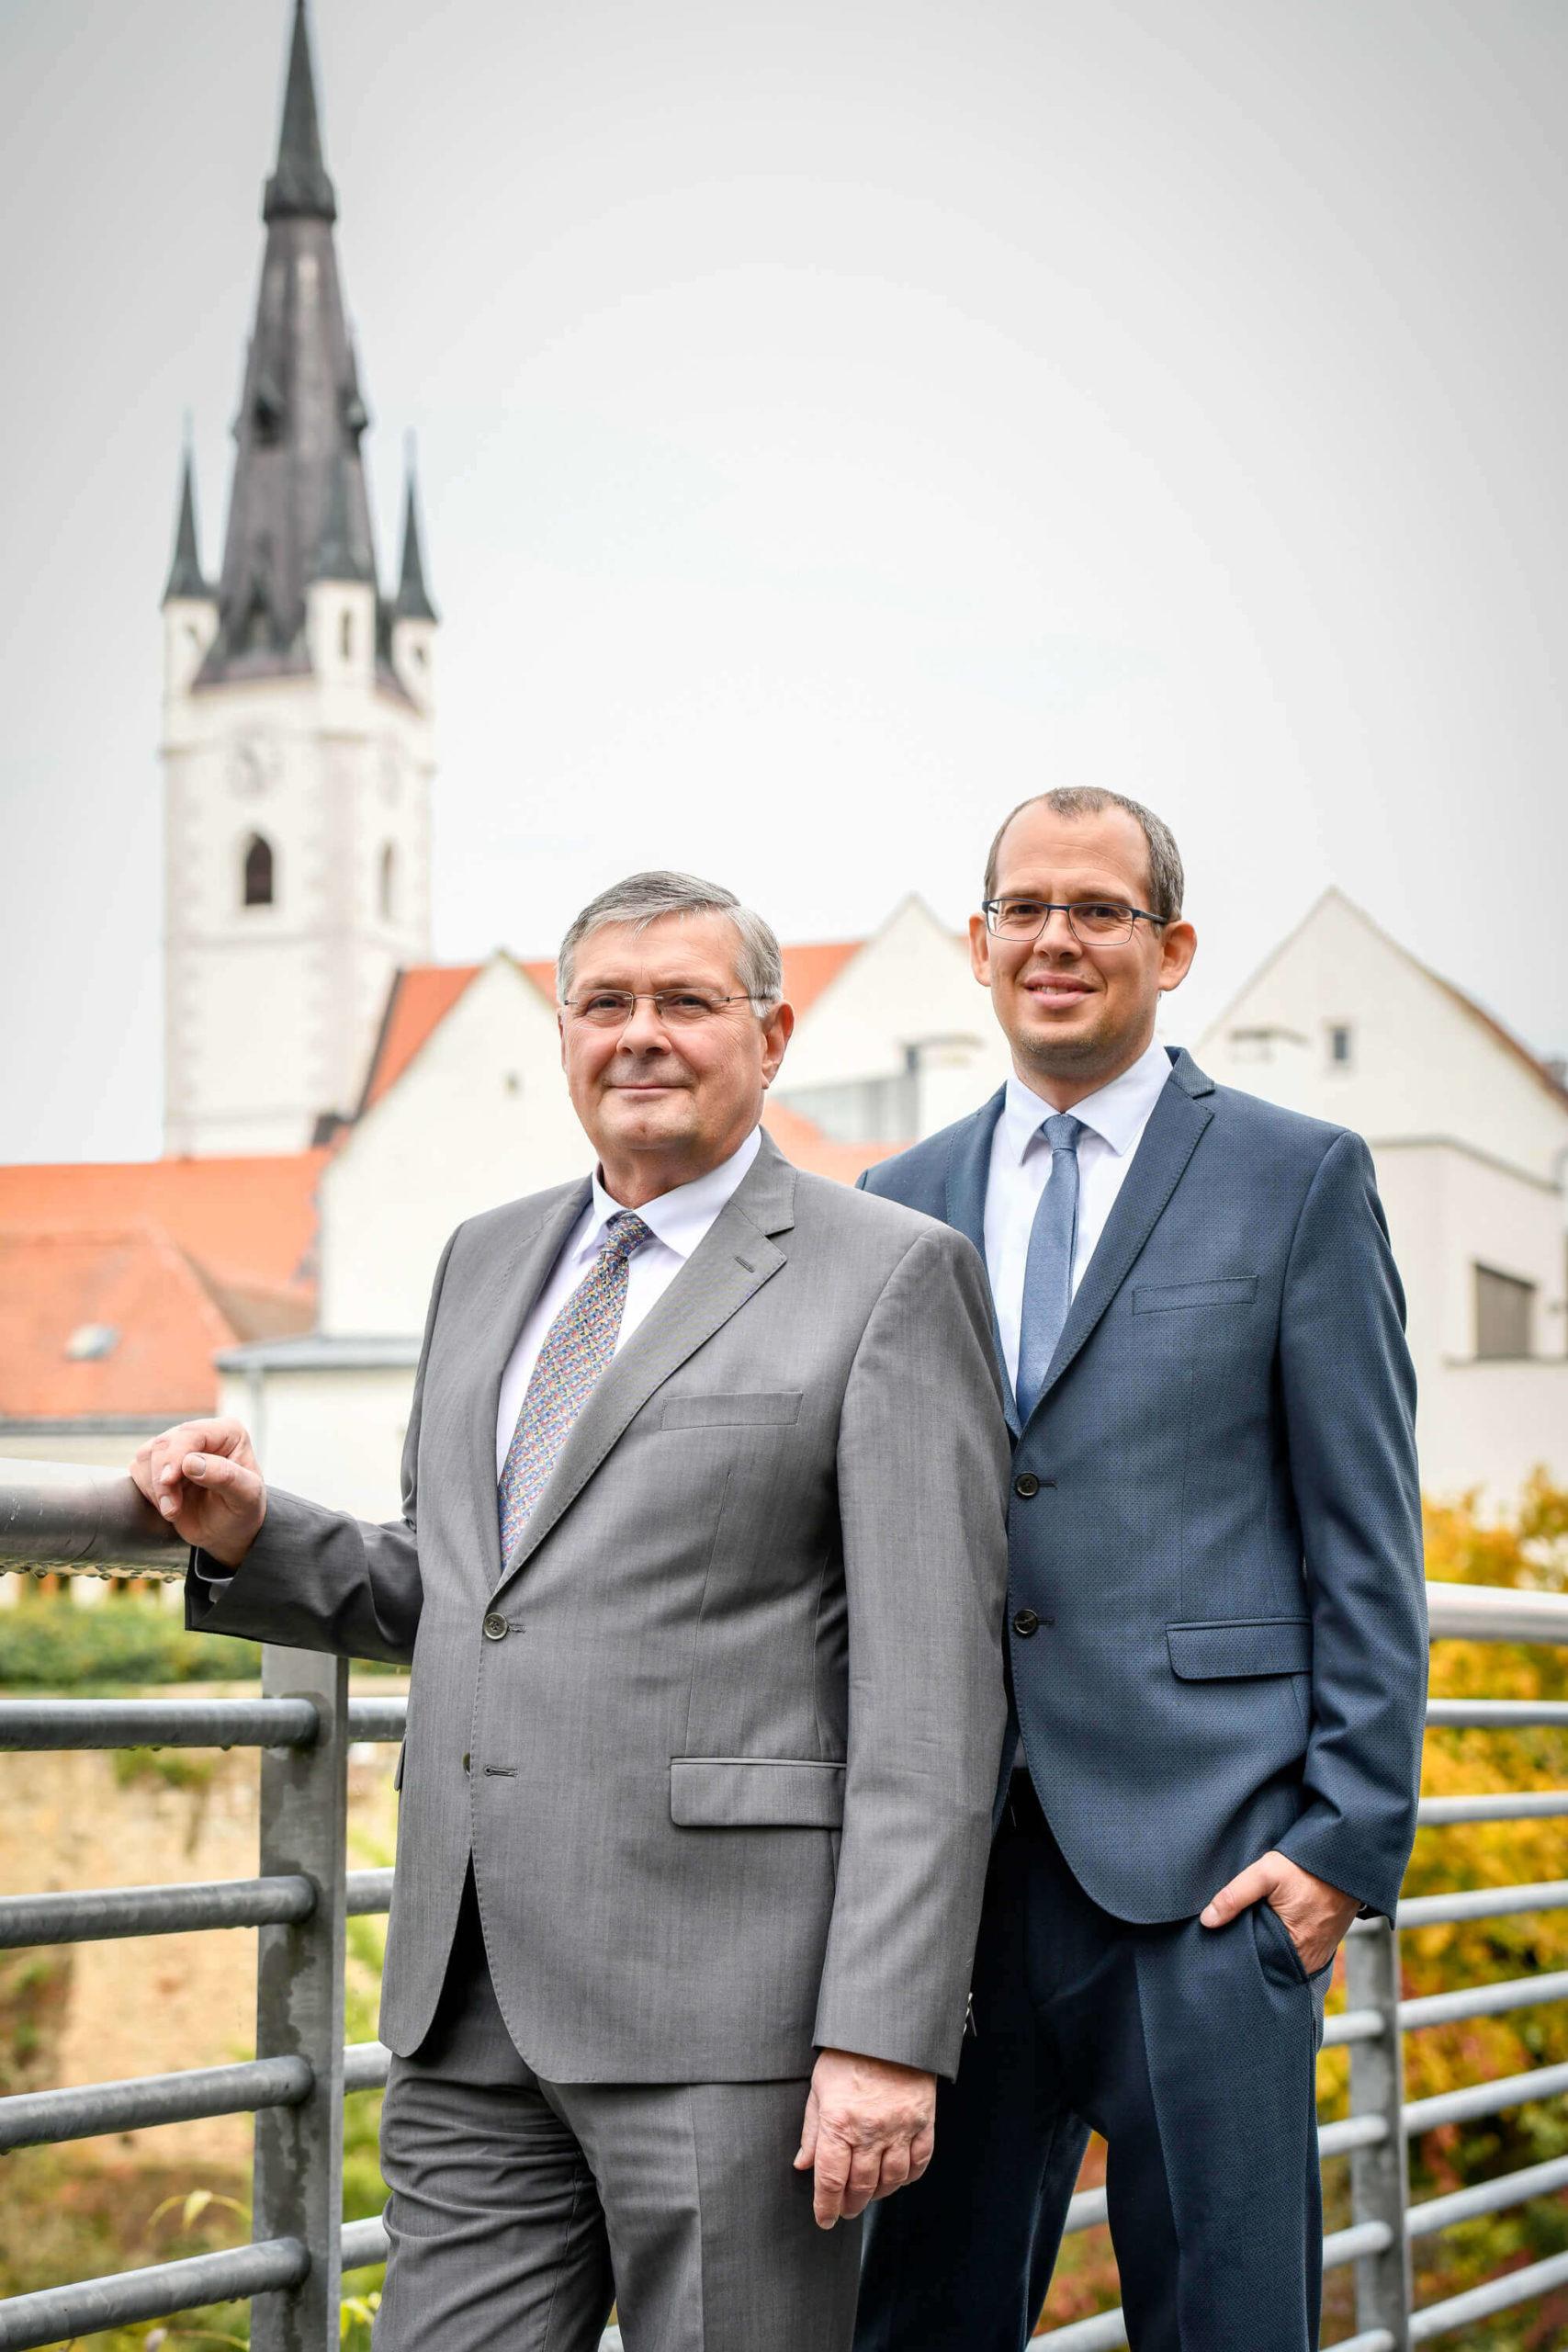 Anwälte auf Brücke - Dr. Heinrich Nagl und Mag. Timo Ruisinger - Rechtsanwälte in 3580 Horn